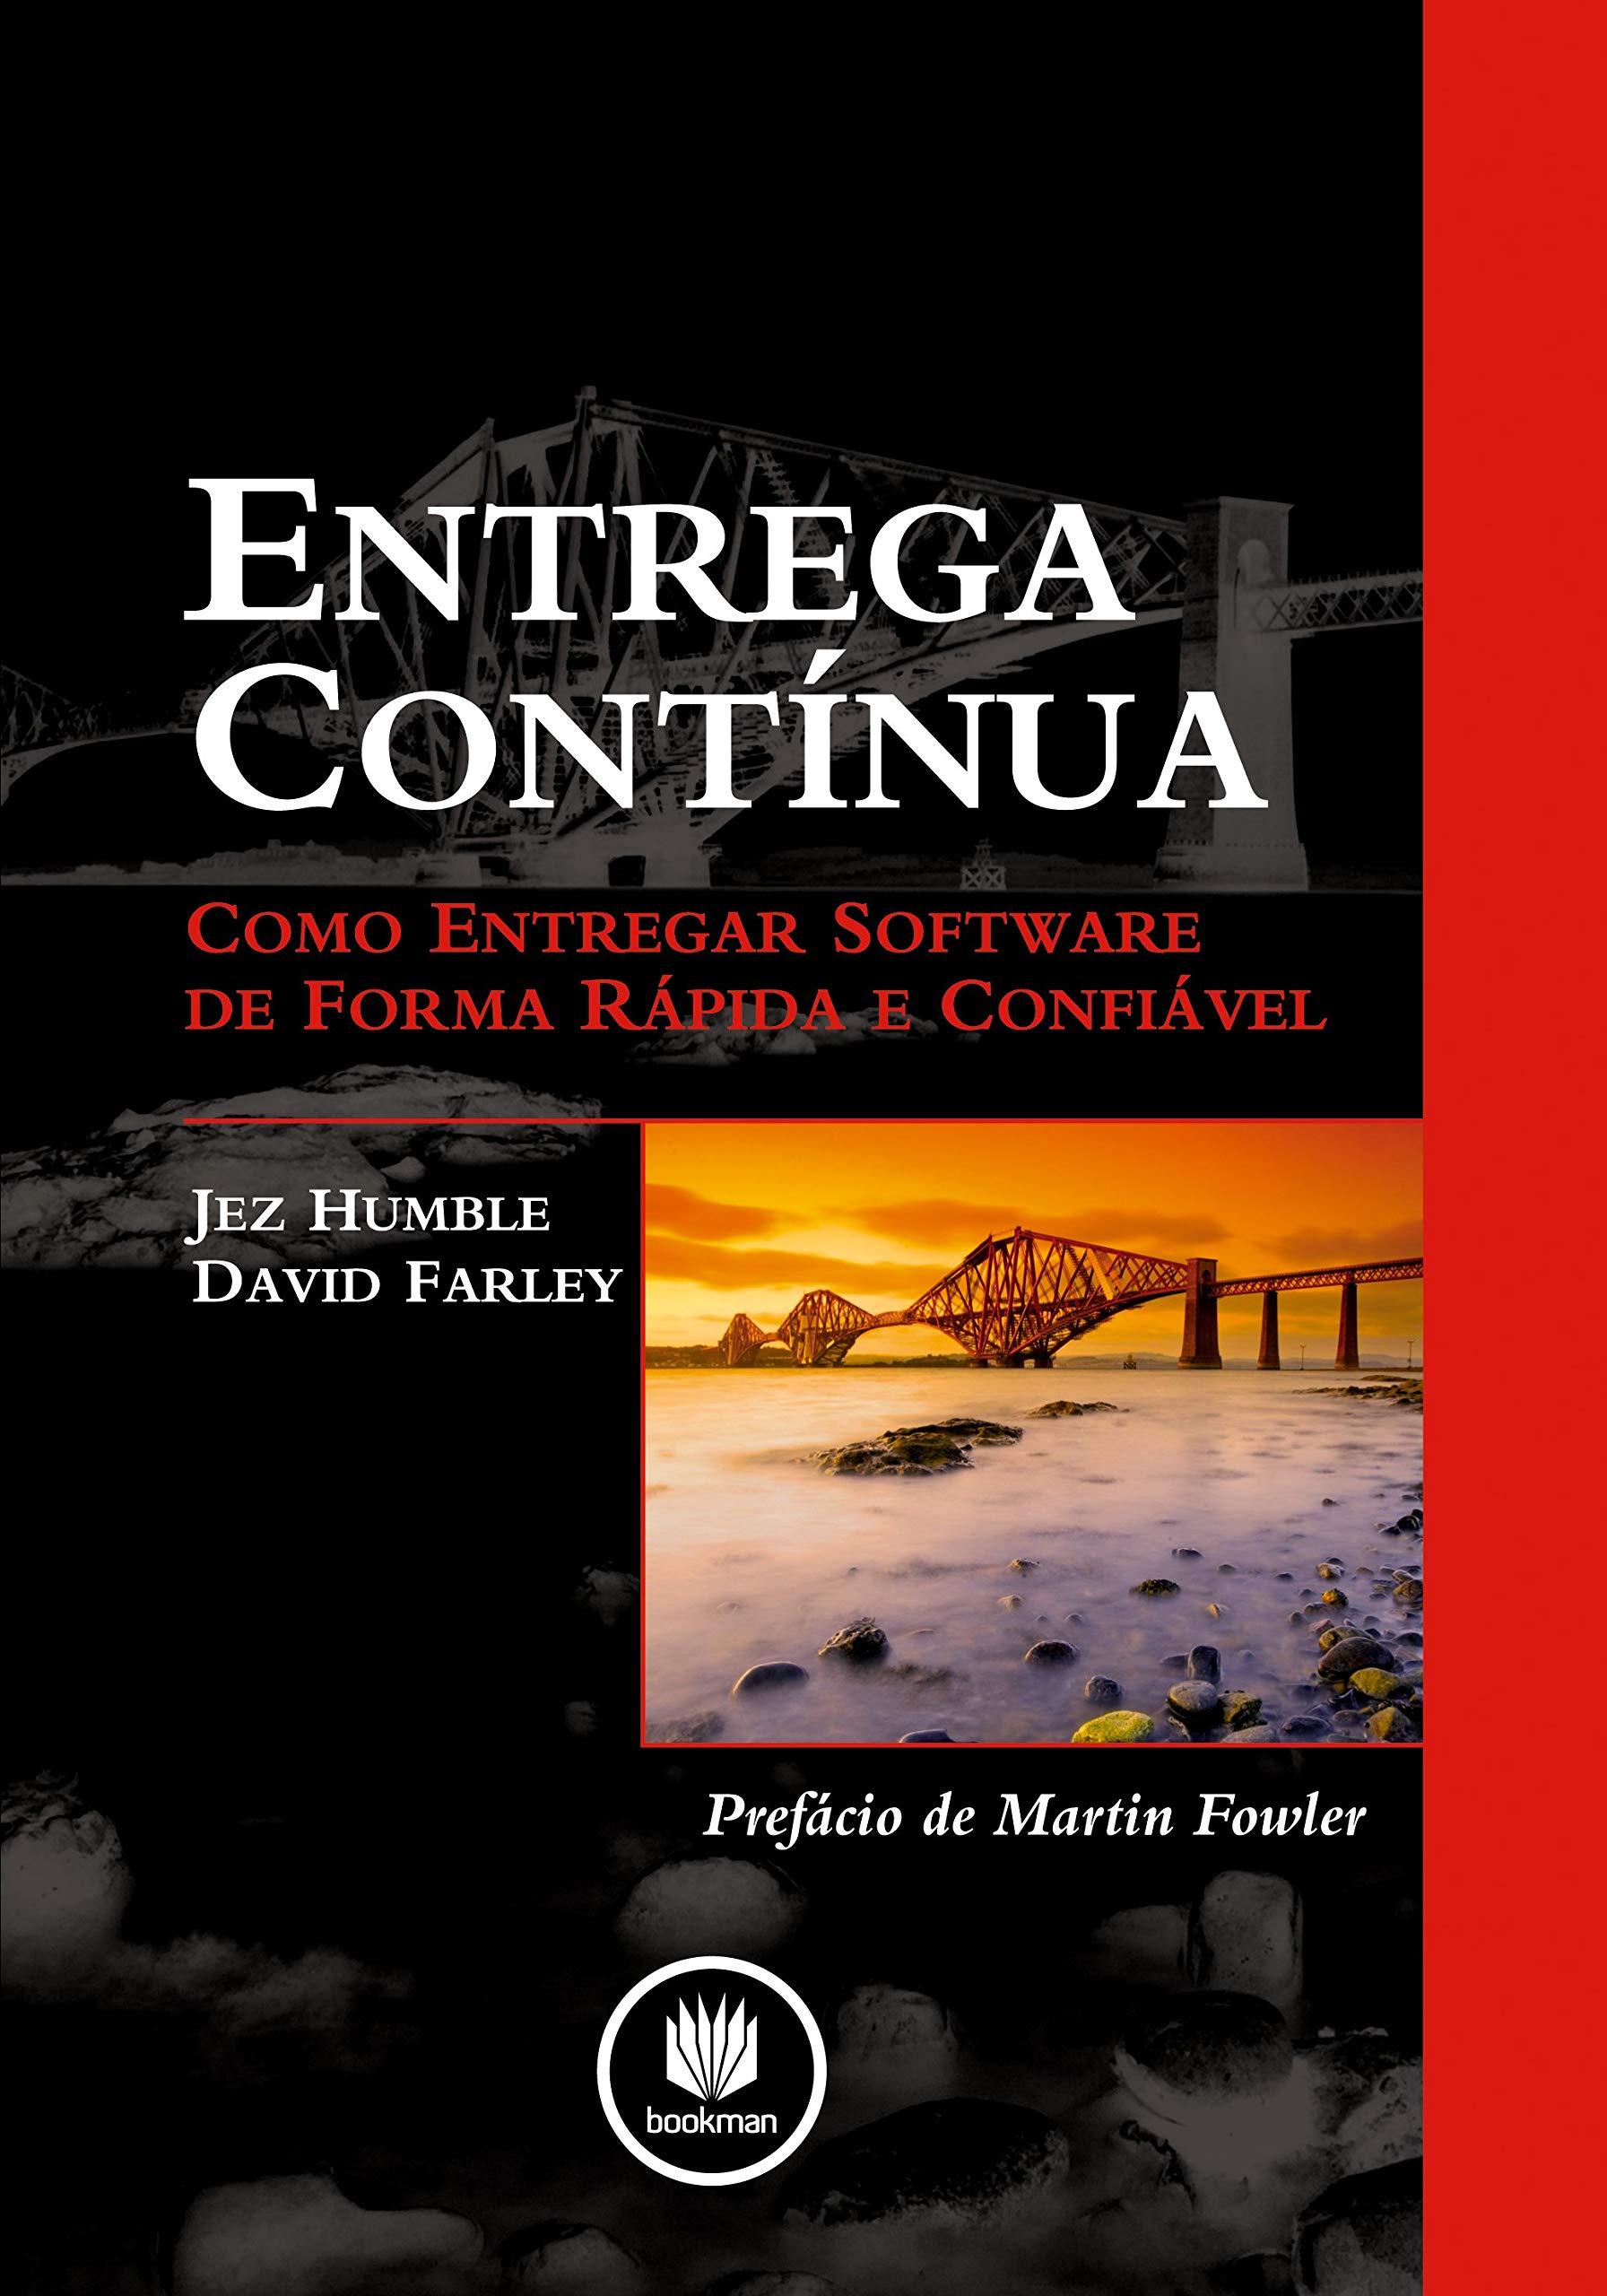 Entrega Contínua  Como Entregar Software de Forma Rápida e Confiável -  9788582601037 - Livros na Amazon Brasil b4a771bbb0